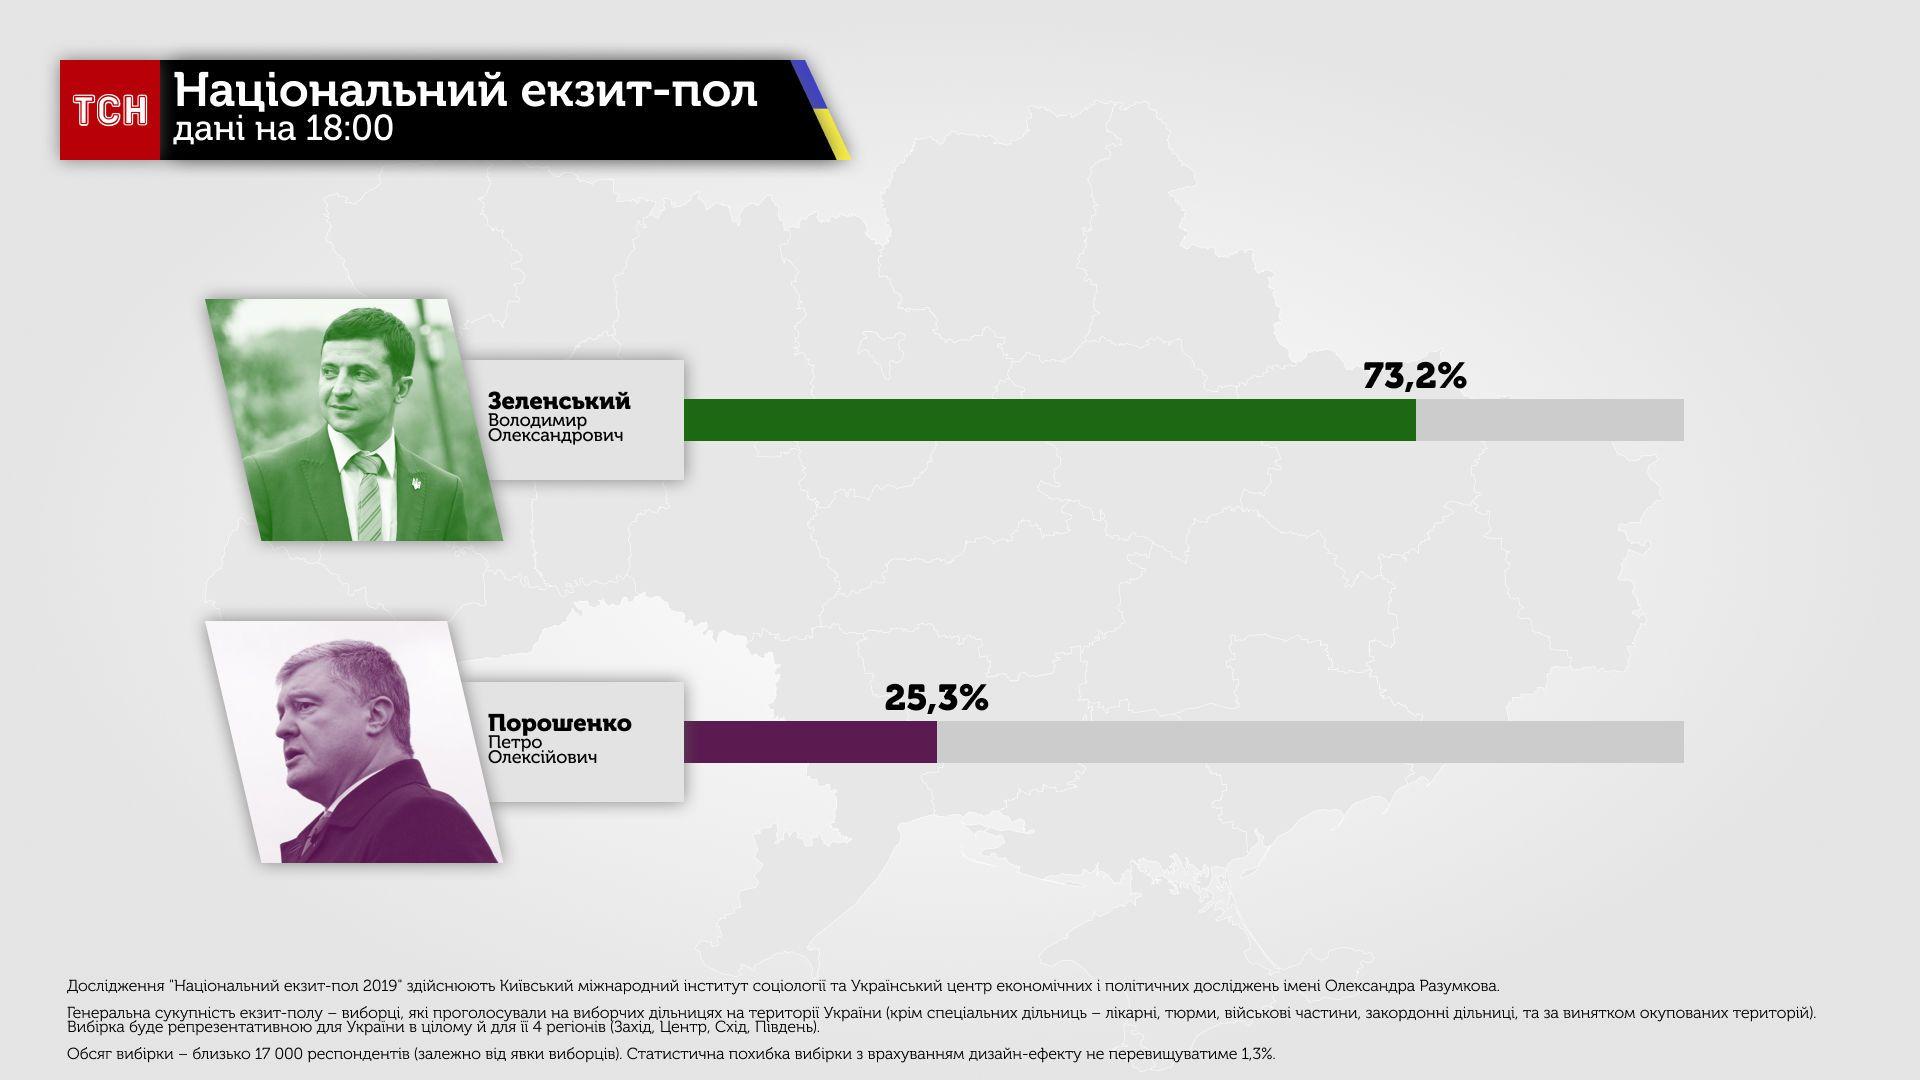 результати виборів по нацекзит-полу, інфографіка